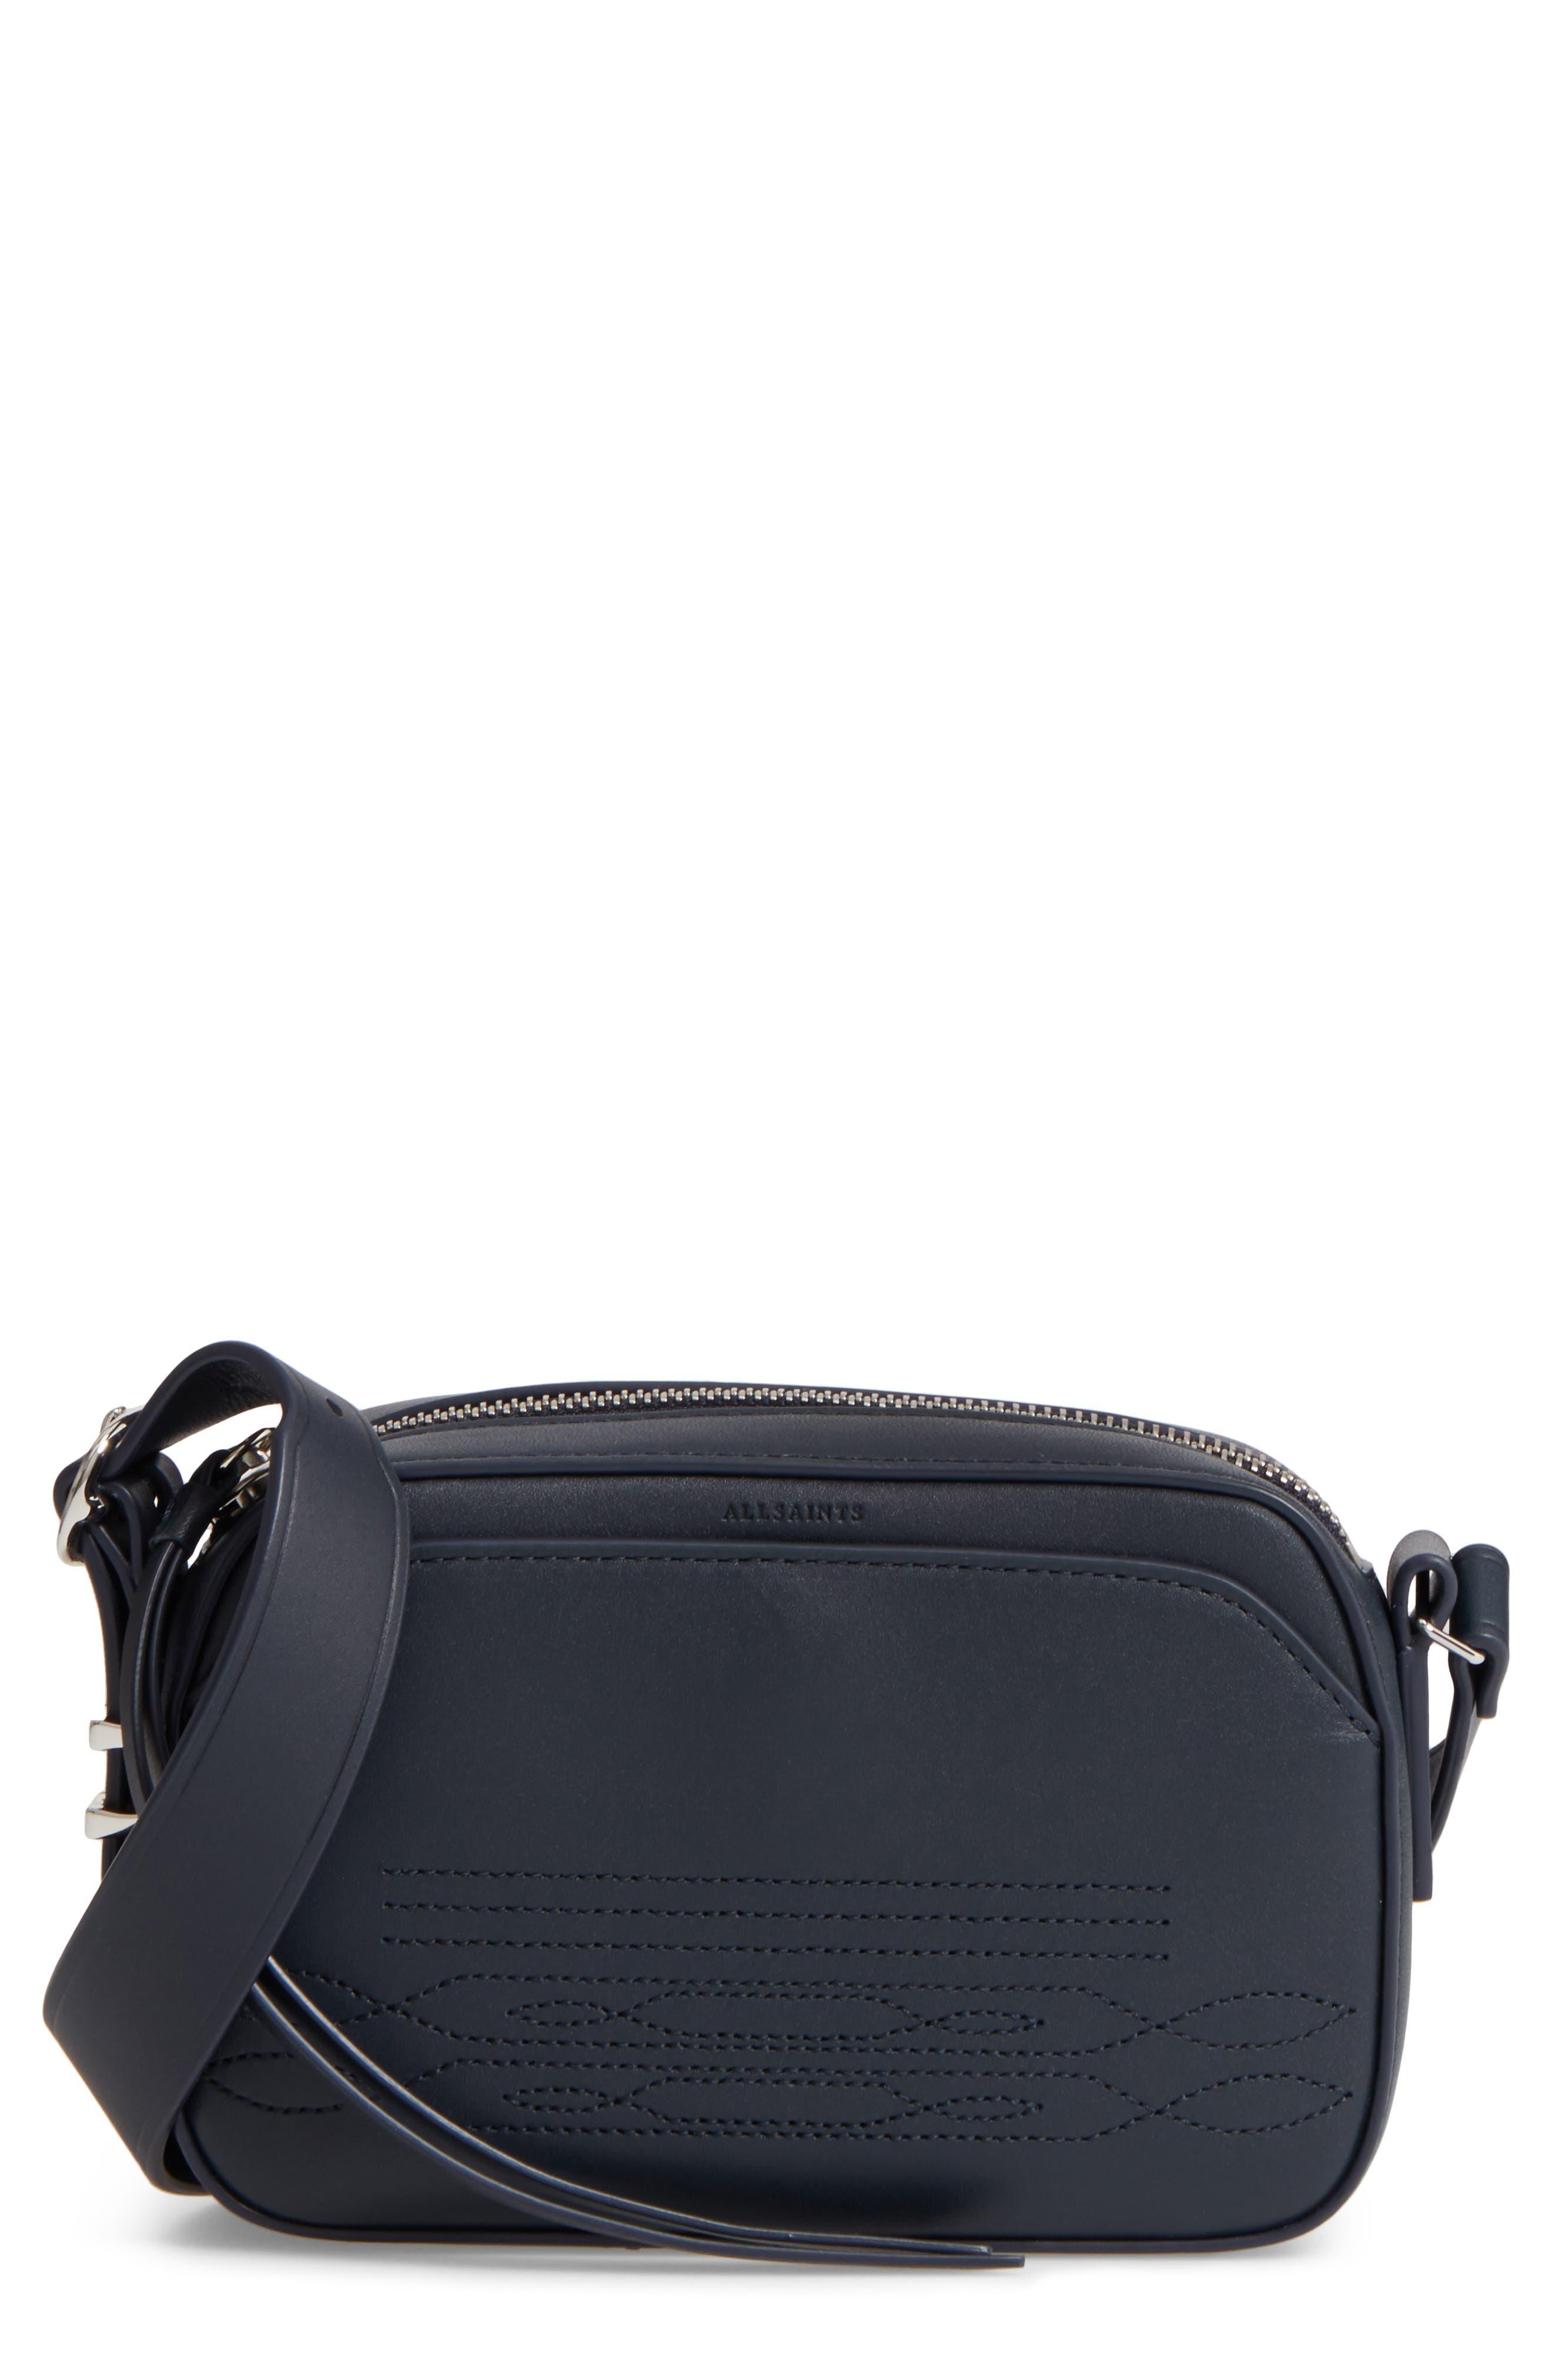 Main Image - ALLSAINTS Small Cooper Calfskin Leather Shoulder Bag